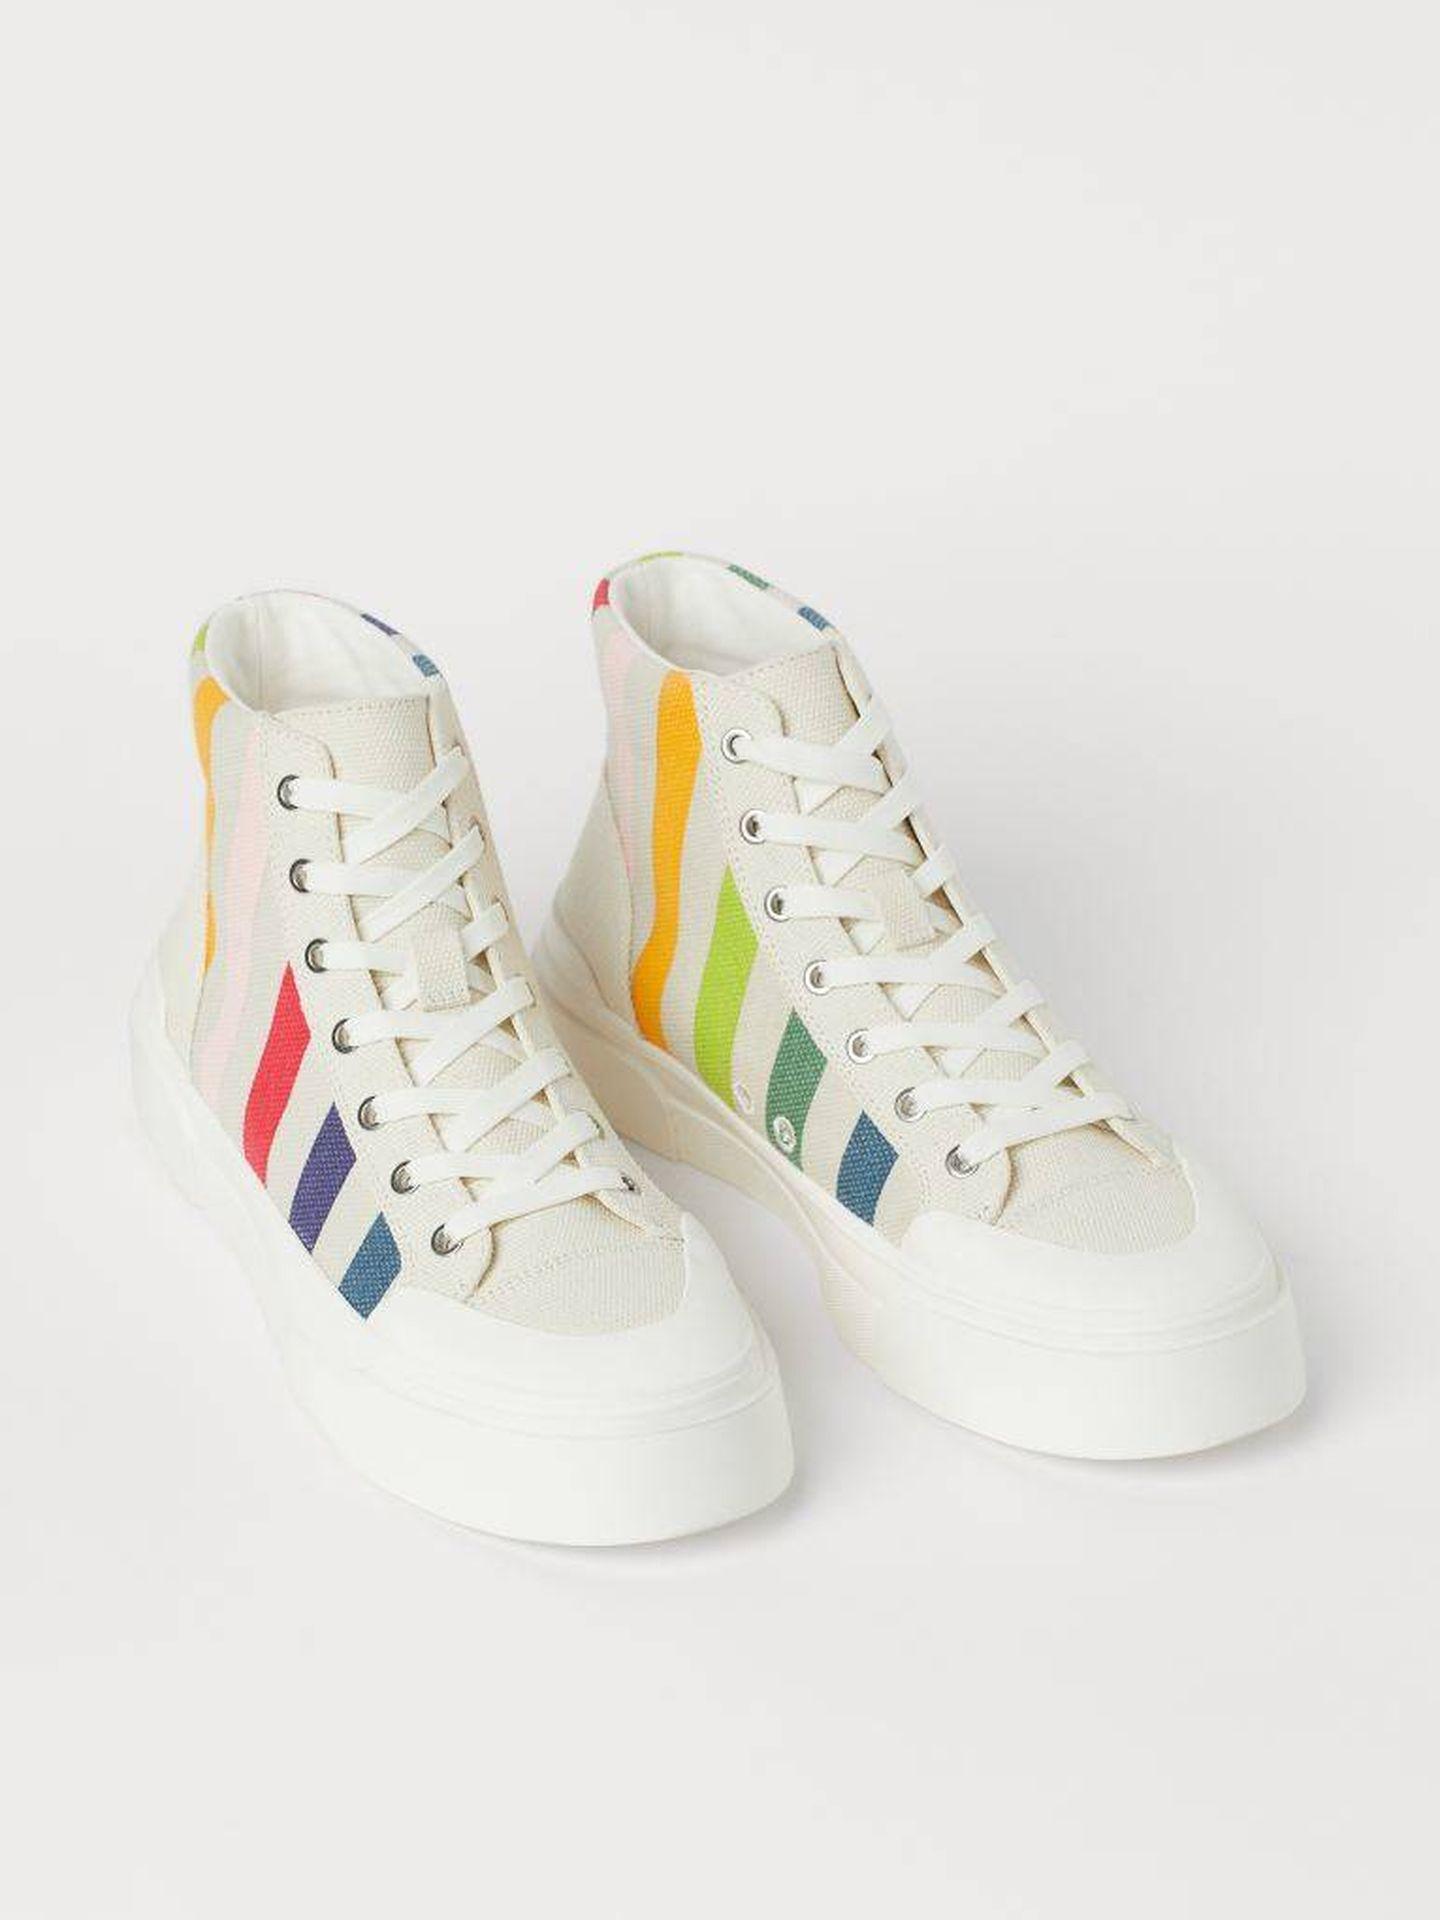 Las zapatillas deportivas de HyM. (Cortesía)